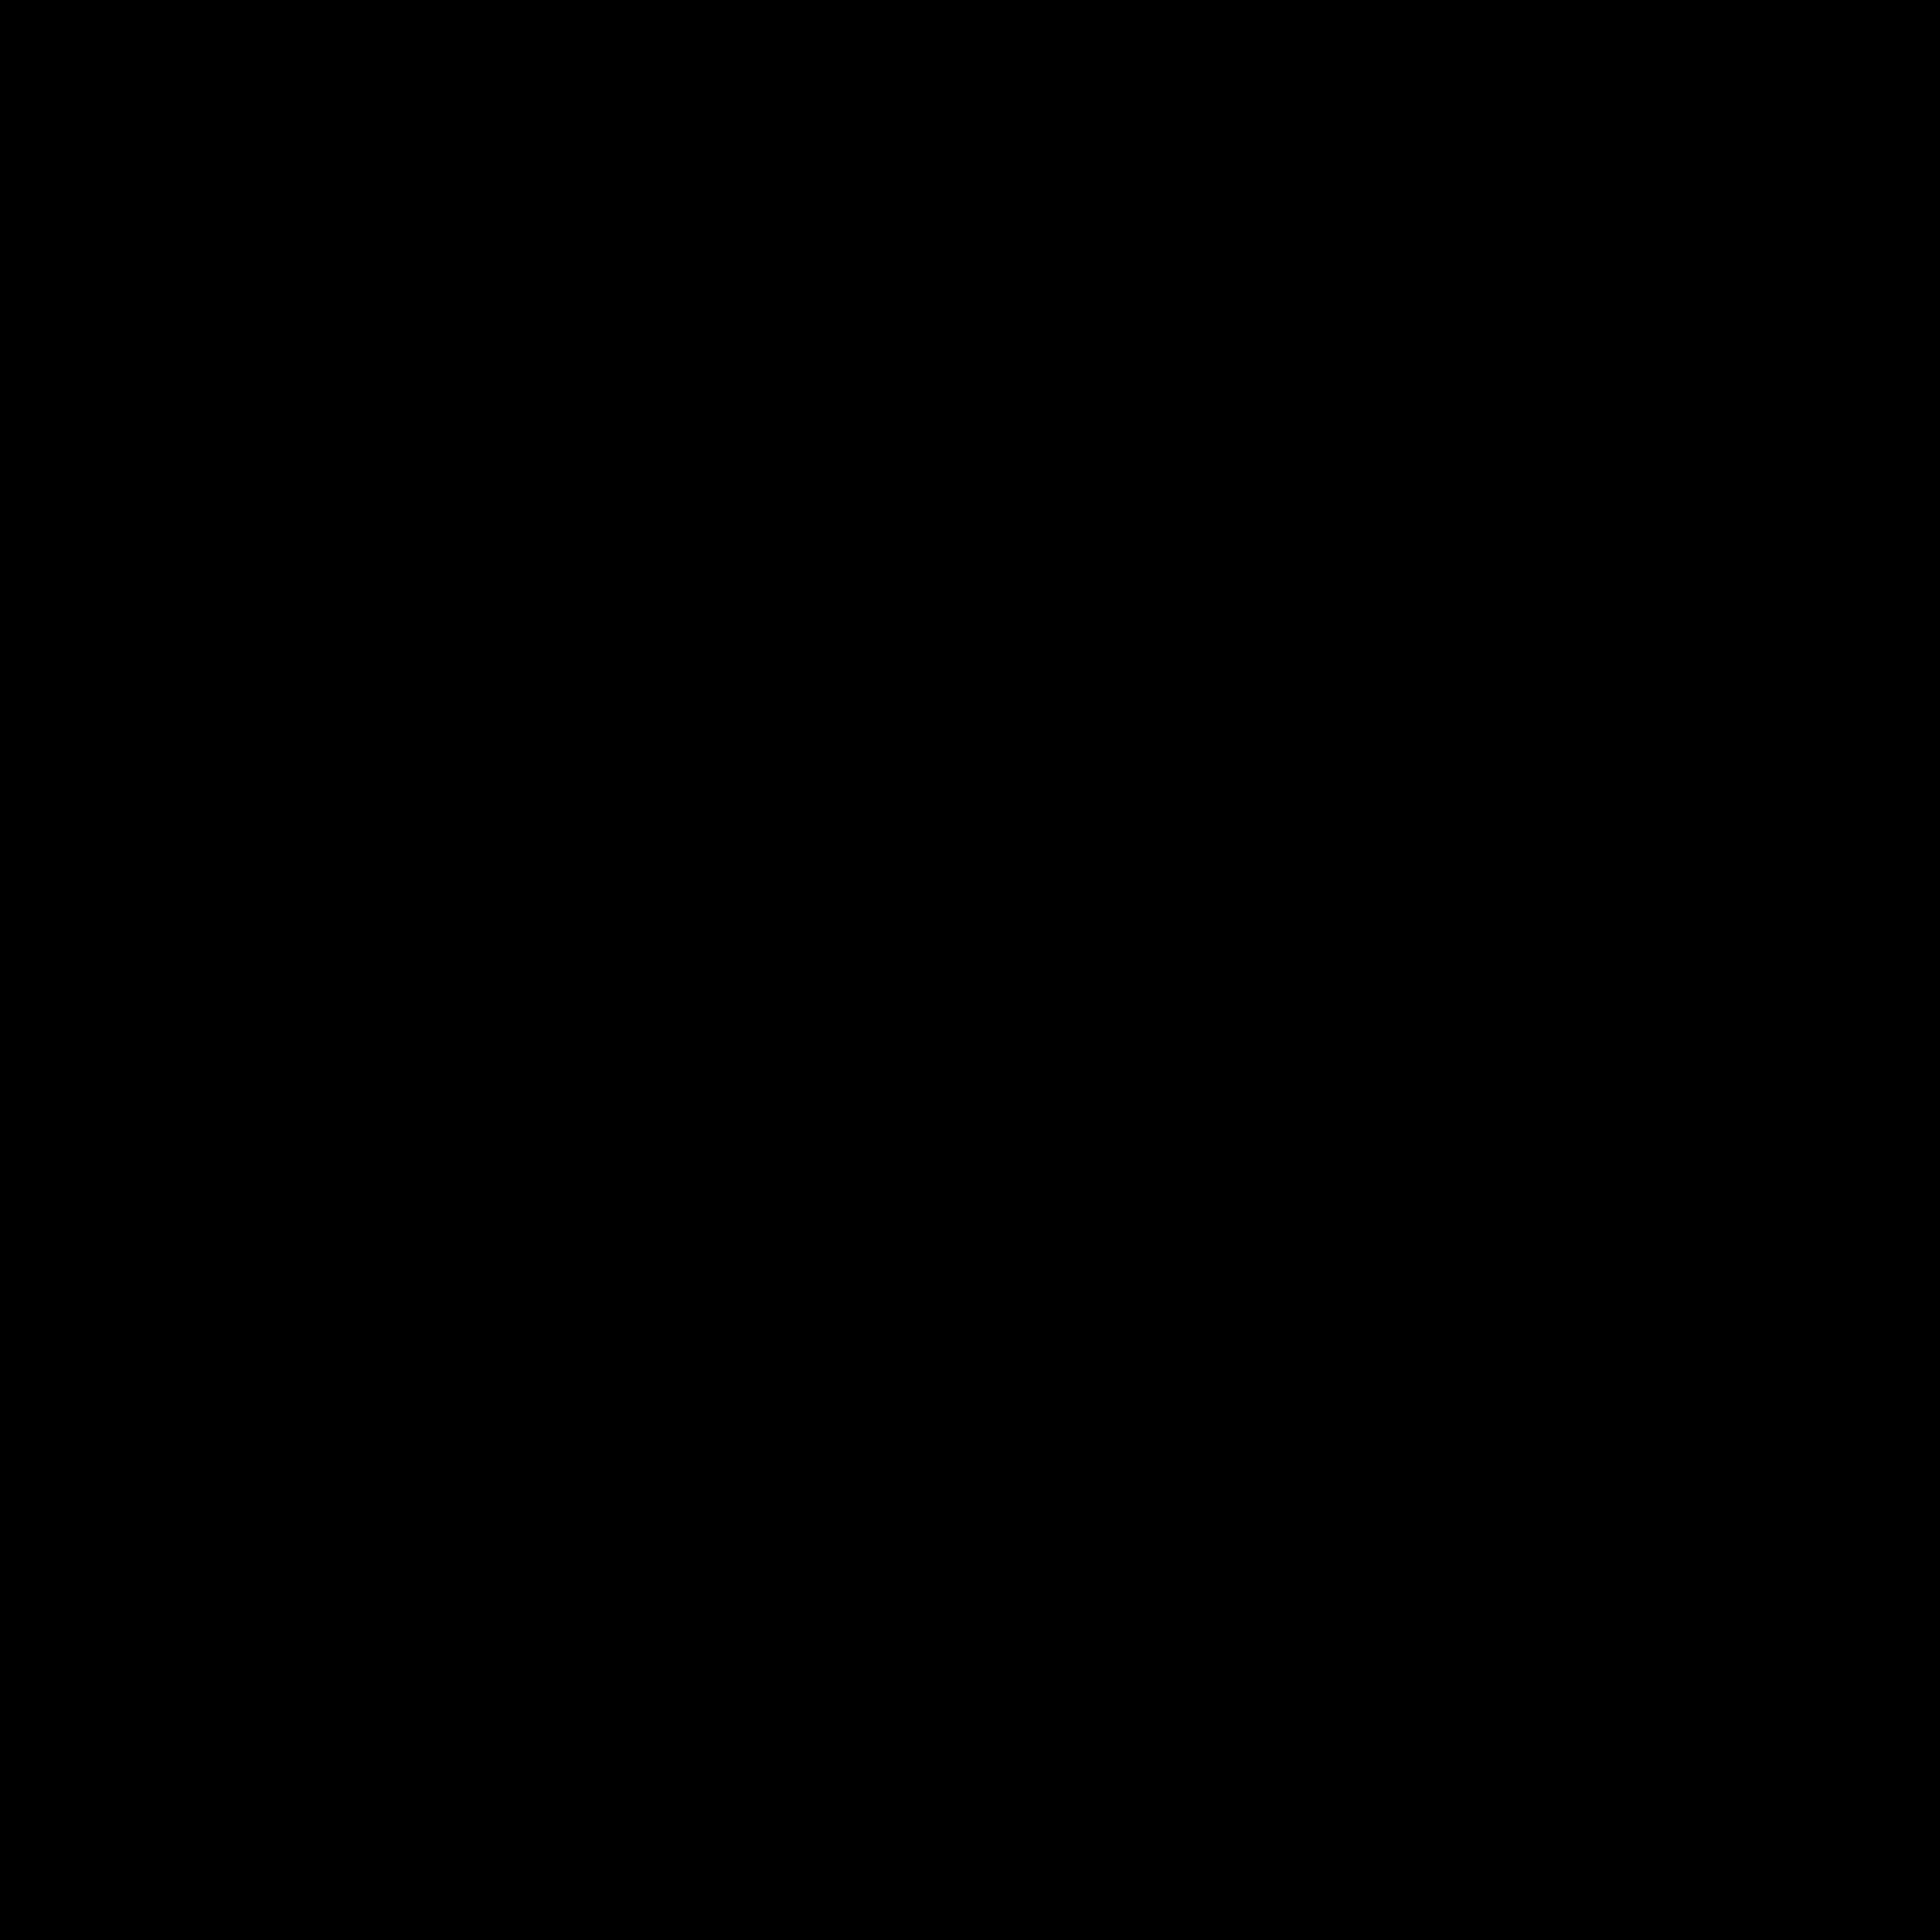 PRO-T即饮型蛋白质饮料便携营养运动健身无脂 四瓶装